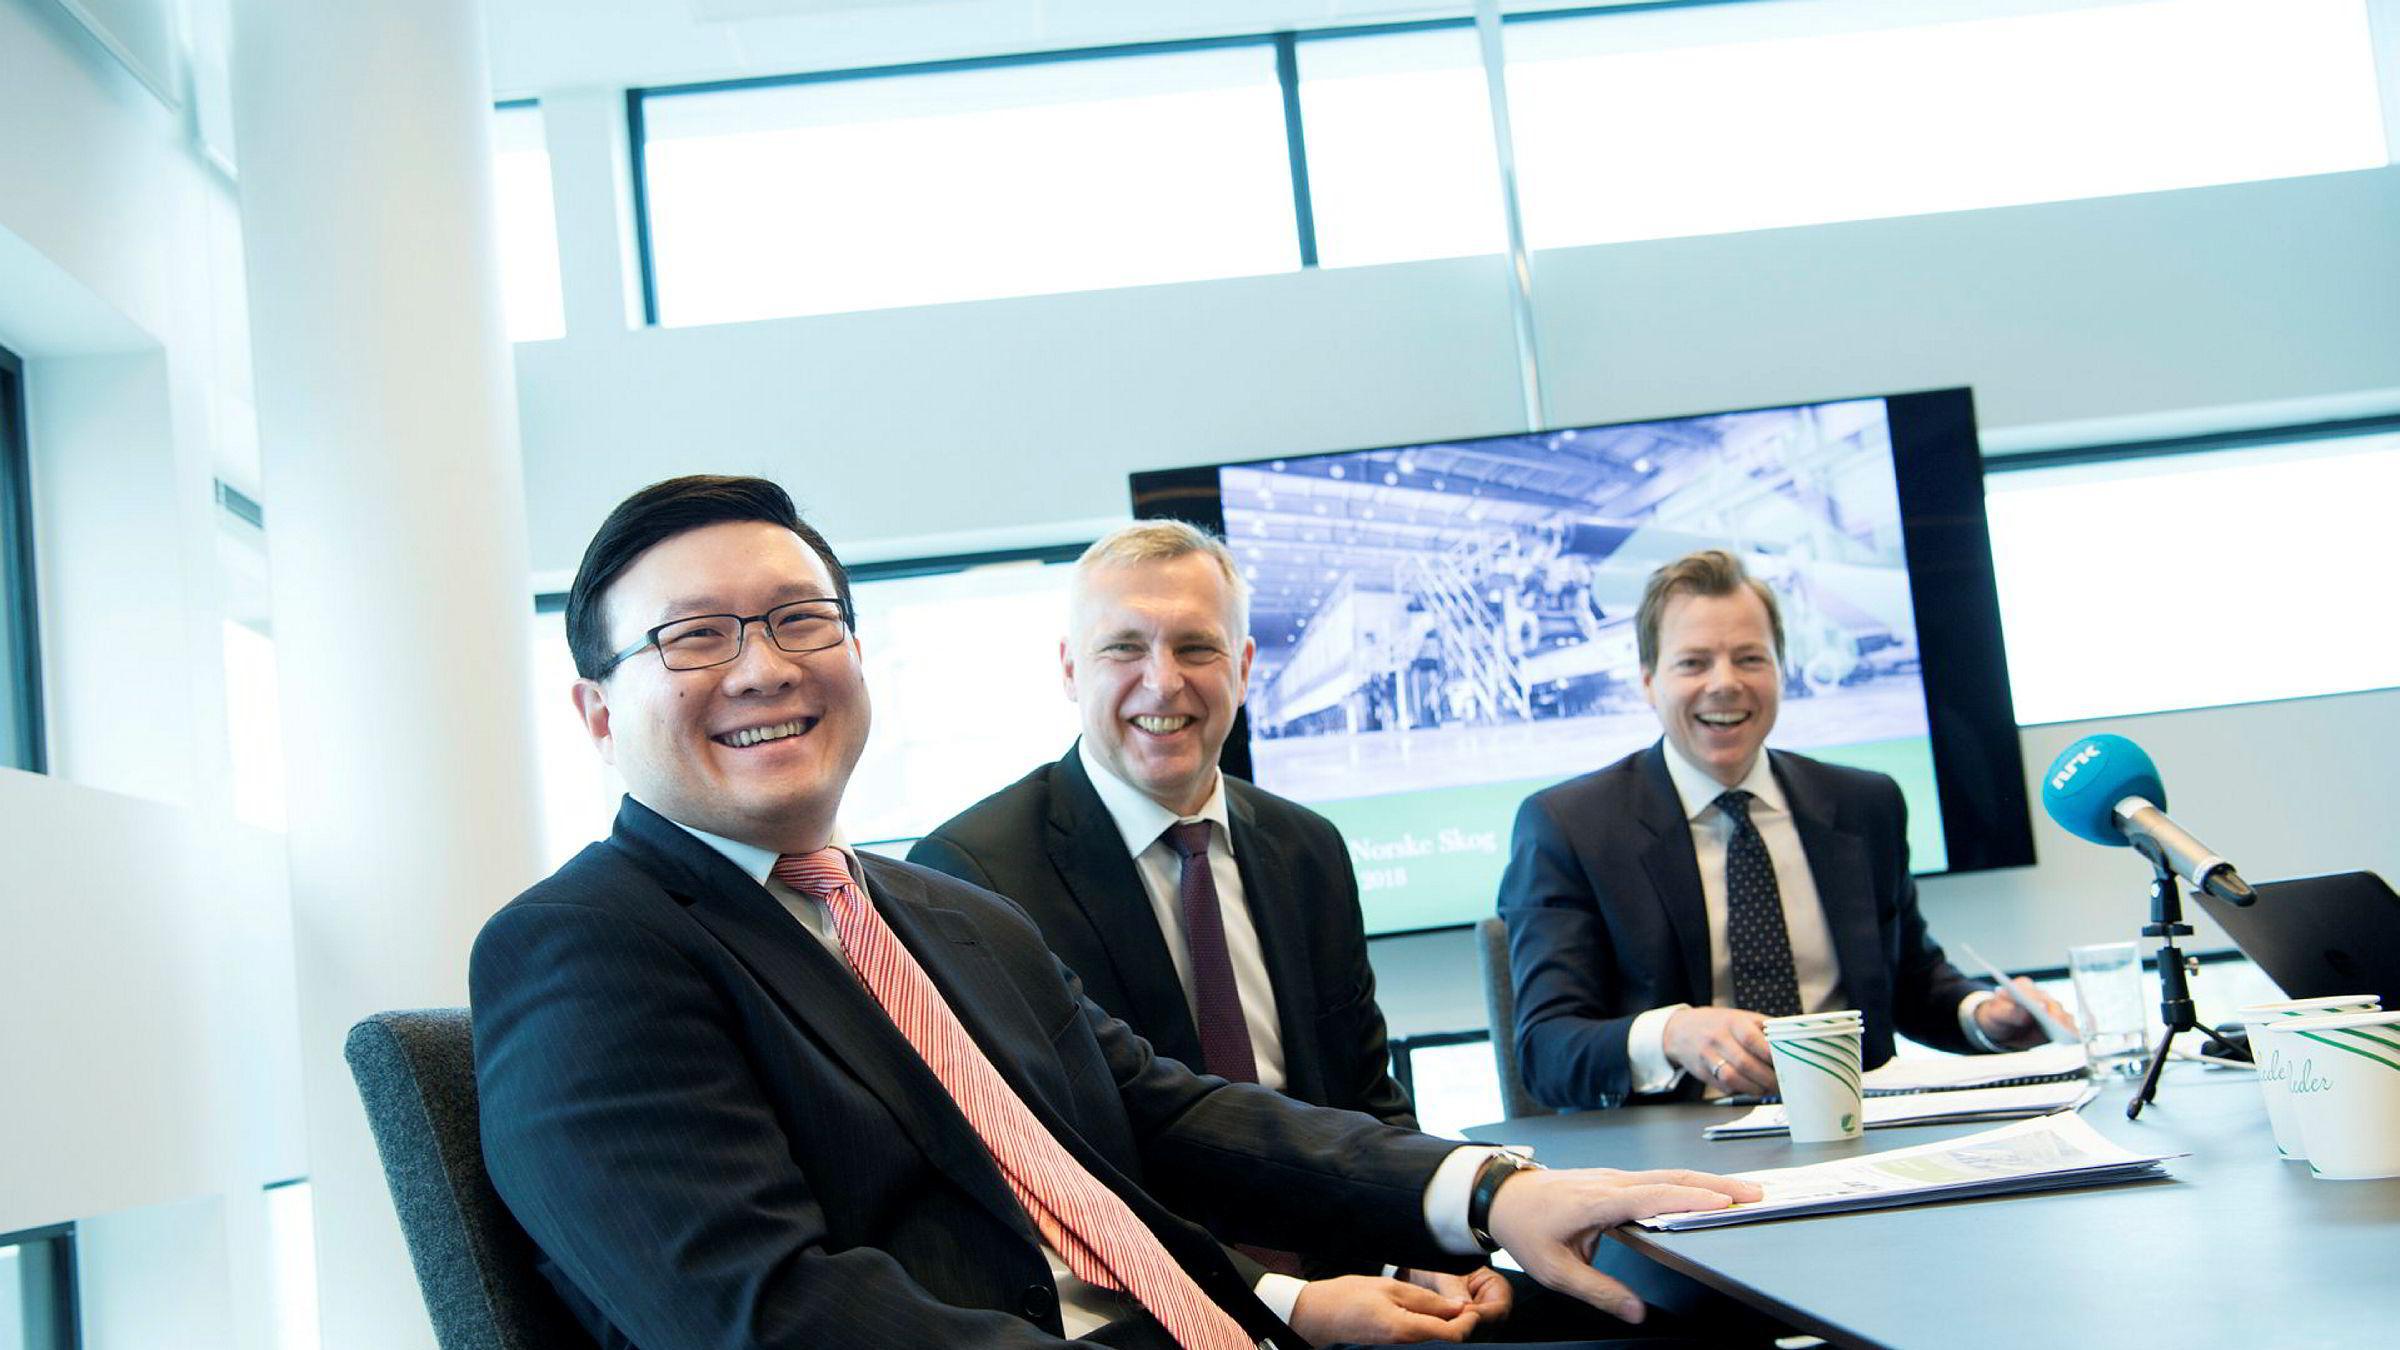 Oceanwood kjøper Norske Skog. Fra venstre: John Chiang, sjef i Oceanwood Capital Management, styreleder Sven Ombudstvedt og konsernsjef Lars P.S. Sperre. Foto: